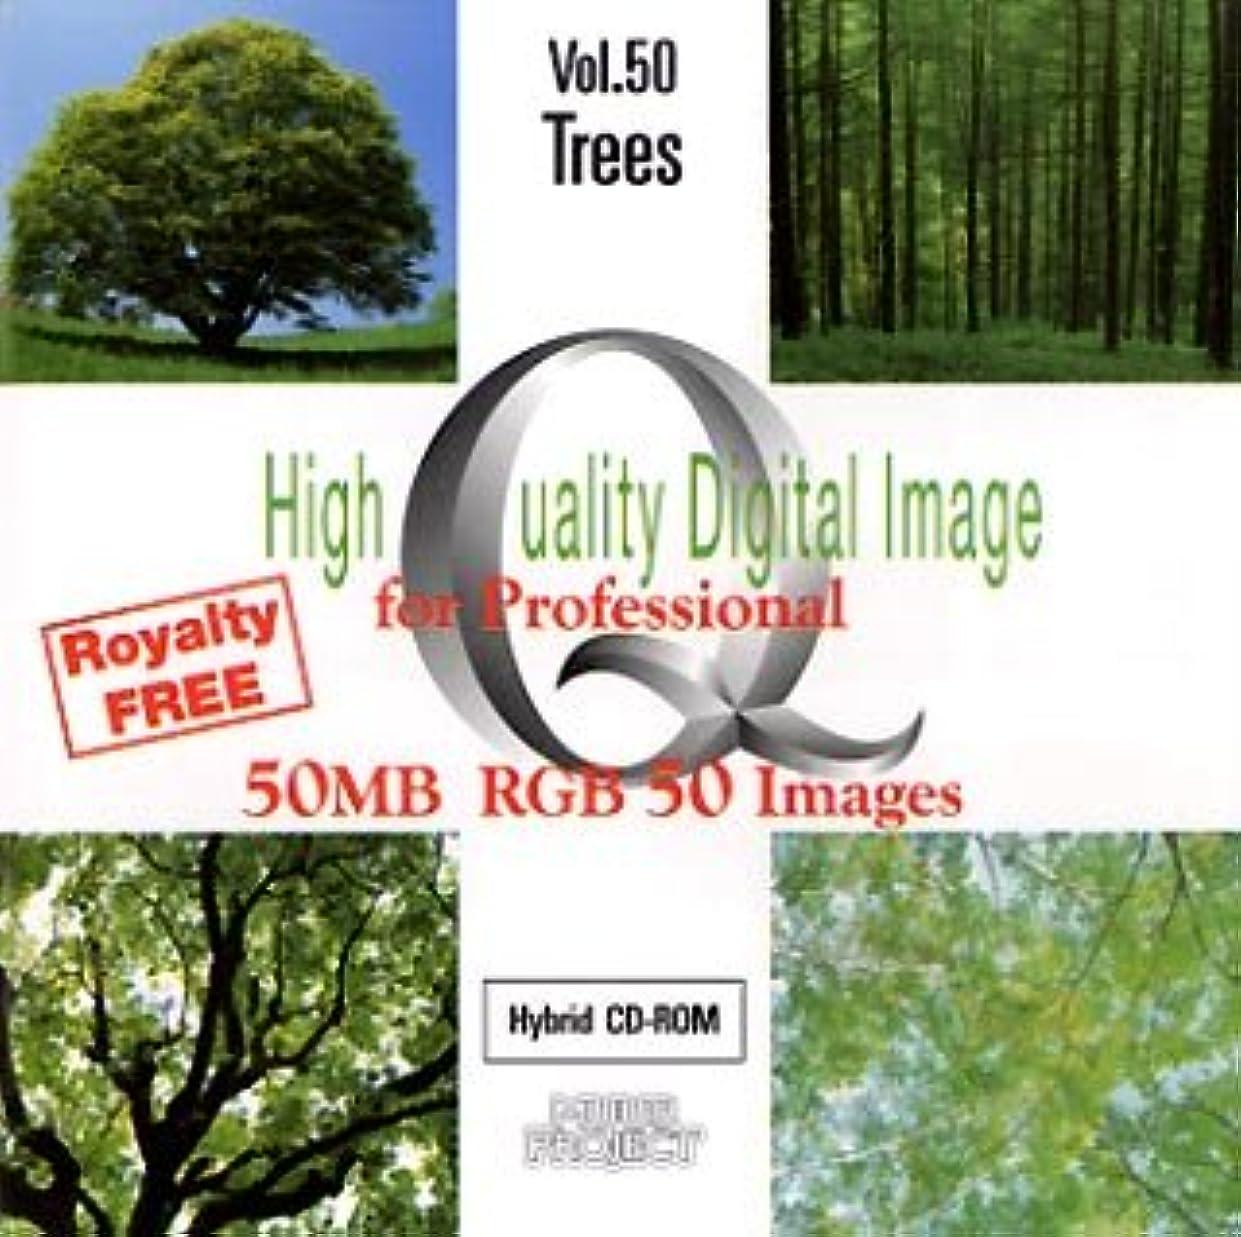 叱る読者内なるHigh Quality Digital Image for Professional Vol.50 Trees